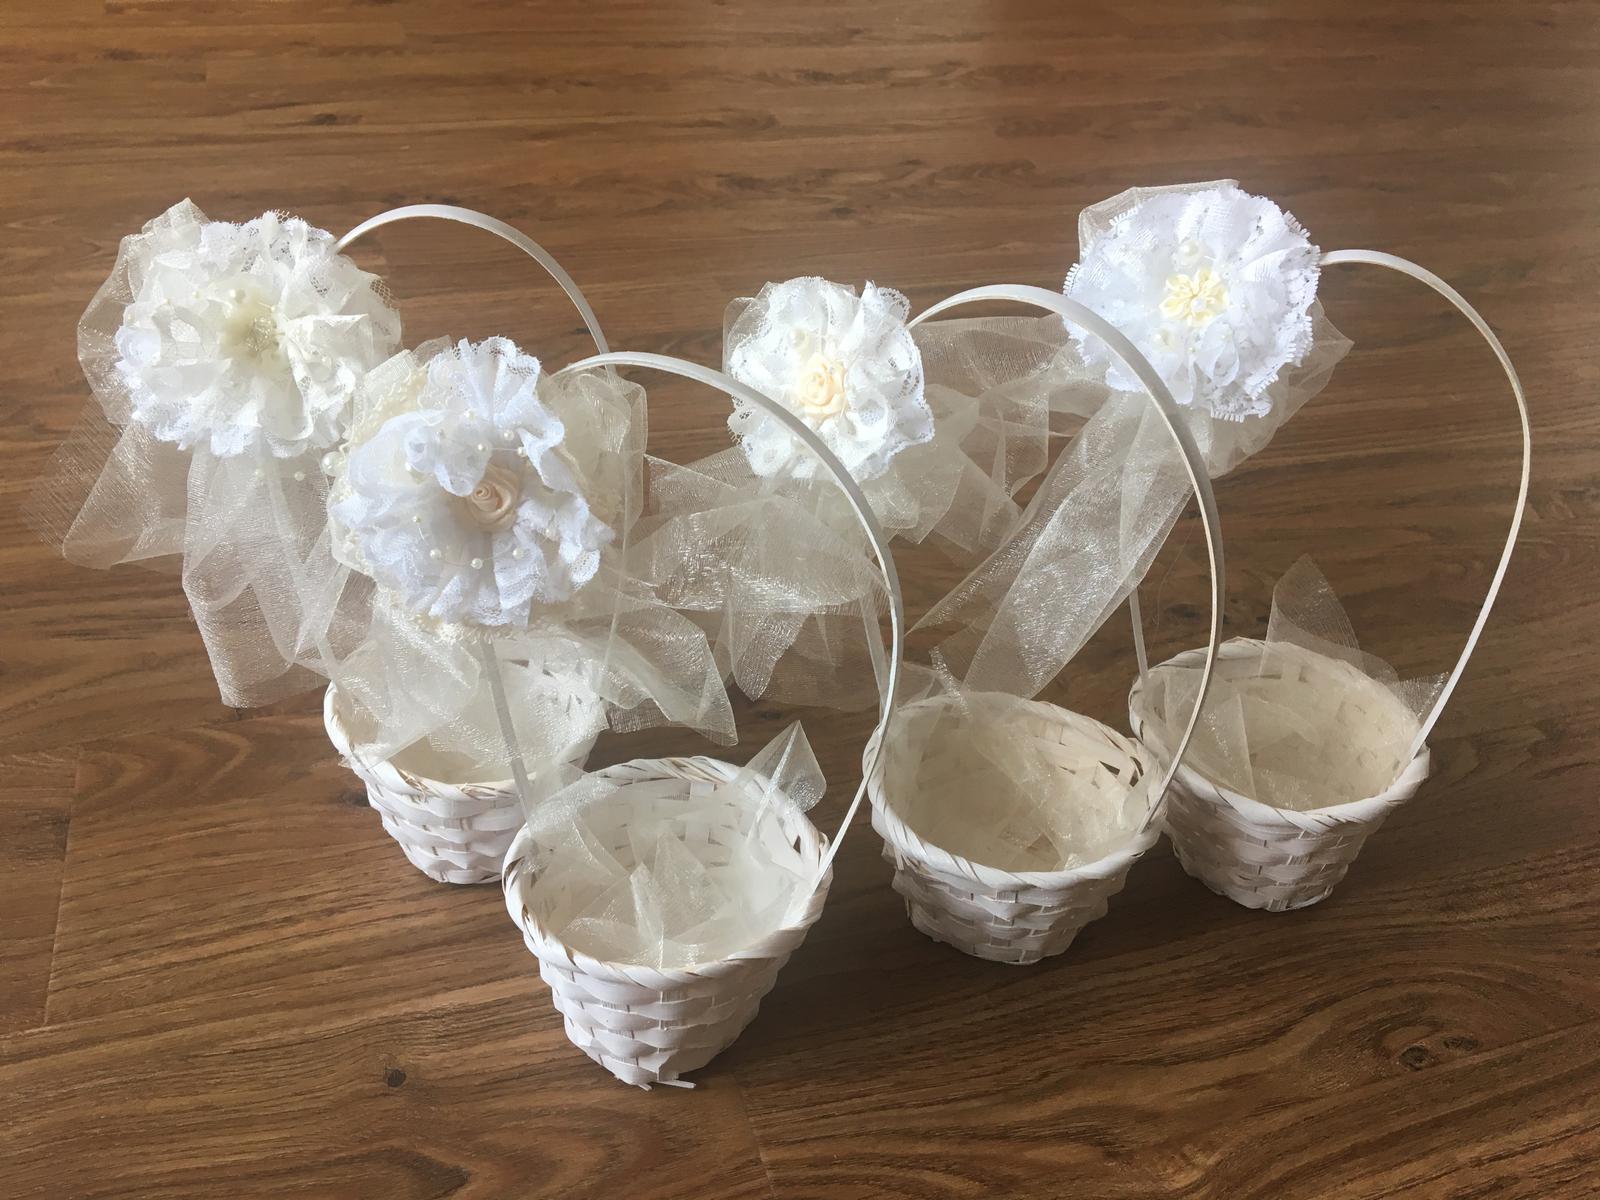 Košíčky pro družičky - bílá + šampaň 4ks - Obrázek č. 1